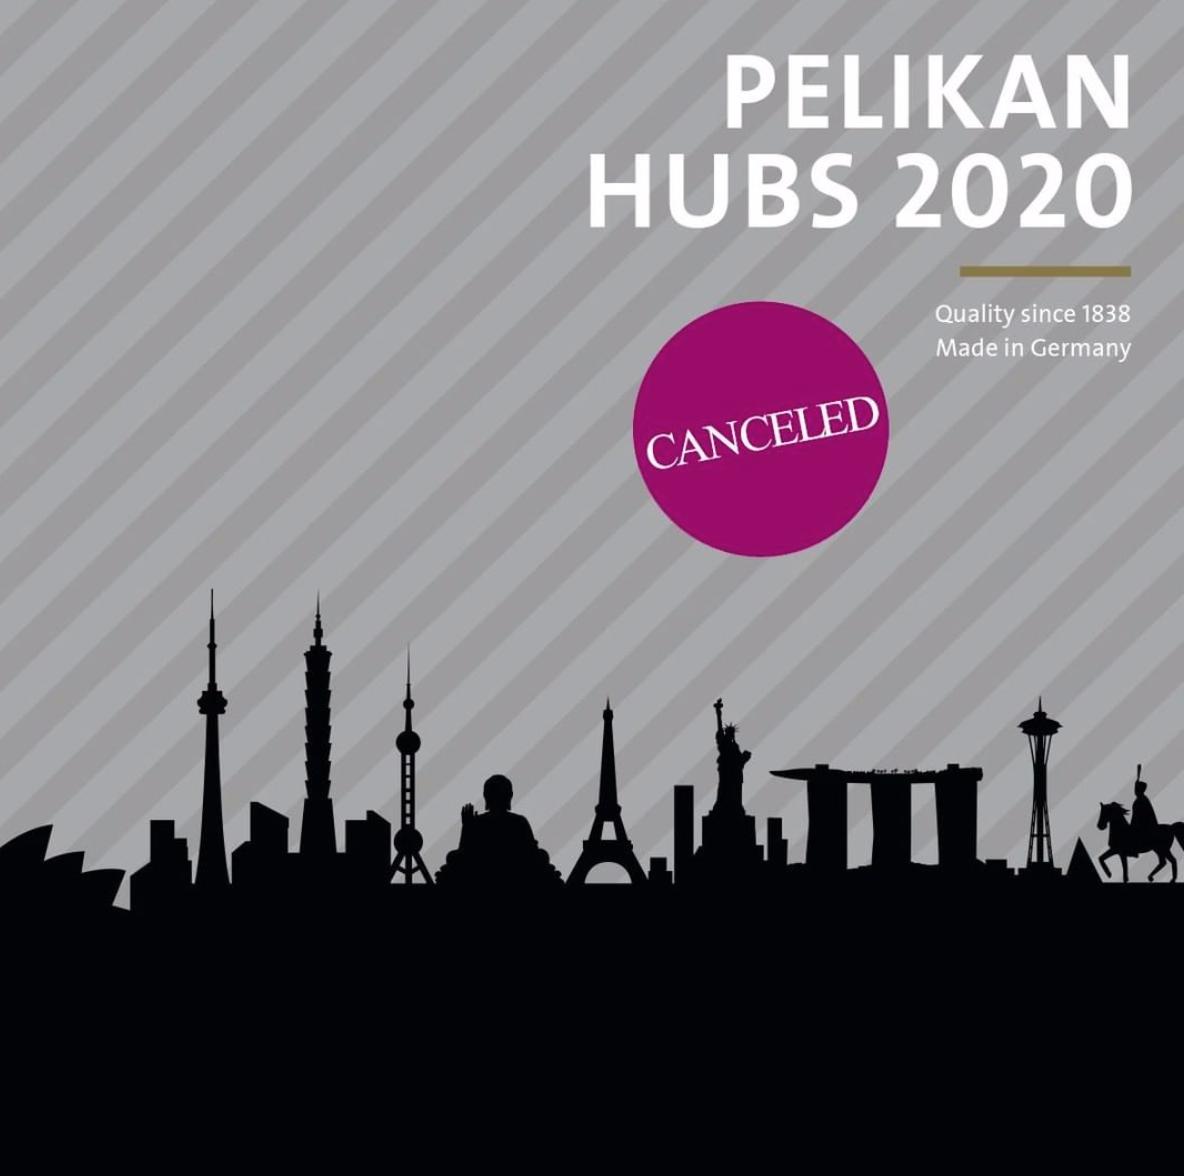 Pelikan Hubs 2020 Banner